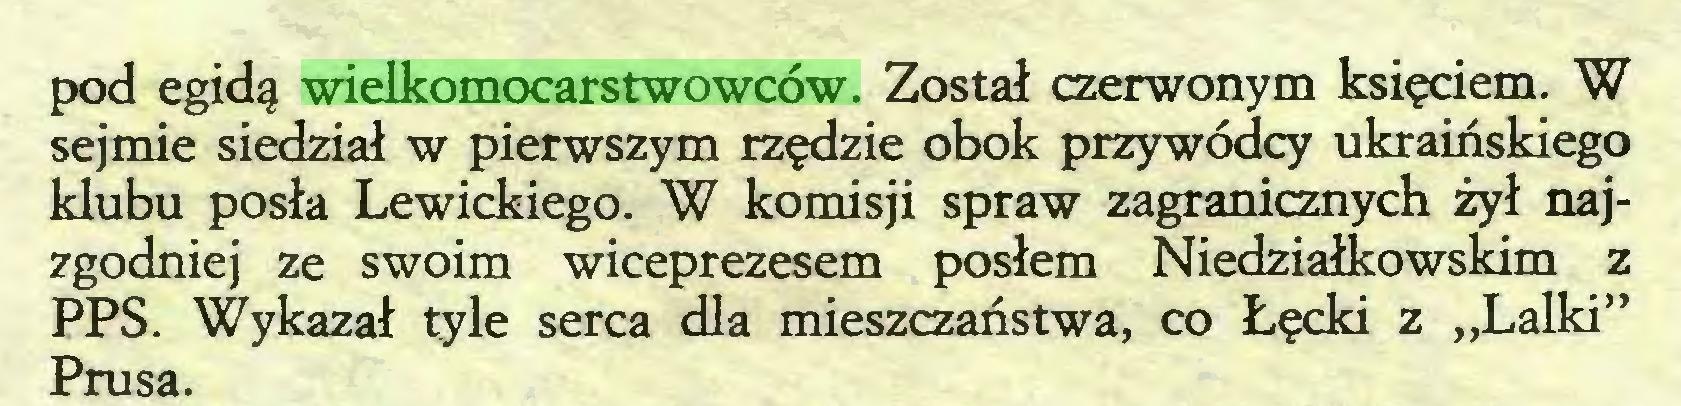 """(...) pod egidą wielkomocarstwowców. Został czerwonym księciem. W sejmie siedział w pierwszym rzędzie obok przywódcy ukraińskiego klubu posła Lewickiego. W komisji spraw zagranicznych żył najzgodniej ze swoim wiceprezesem posłem Niedziałkowskim z PPS. Wykazał tyle serca dla mieszczaństwa, co Łęcki z """"Lalki"""" Prusa..."""